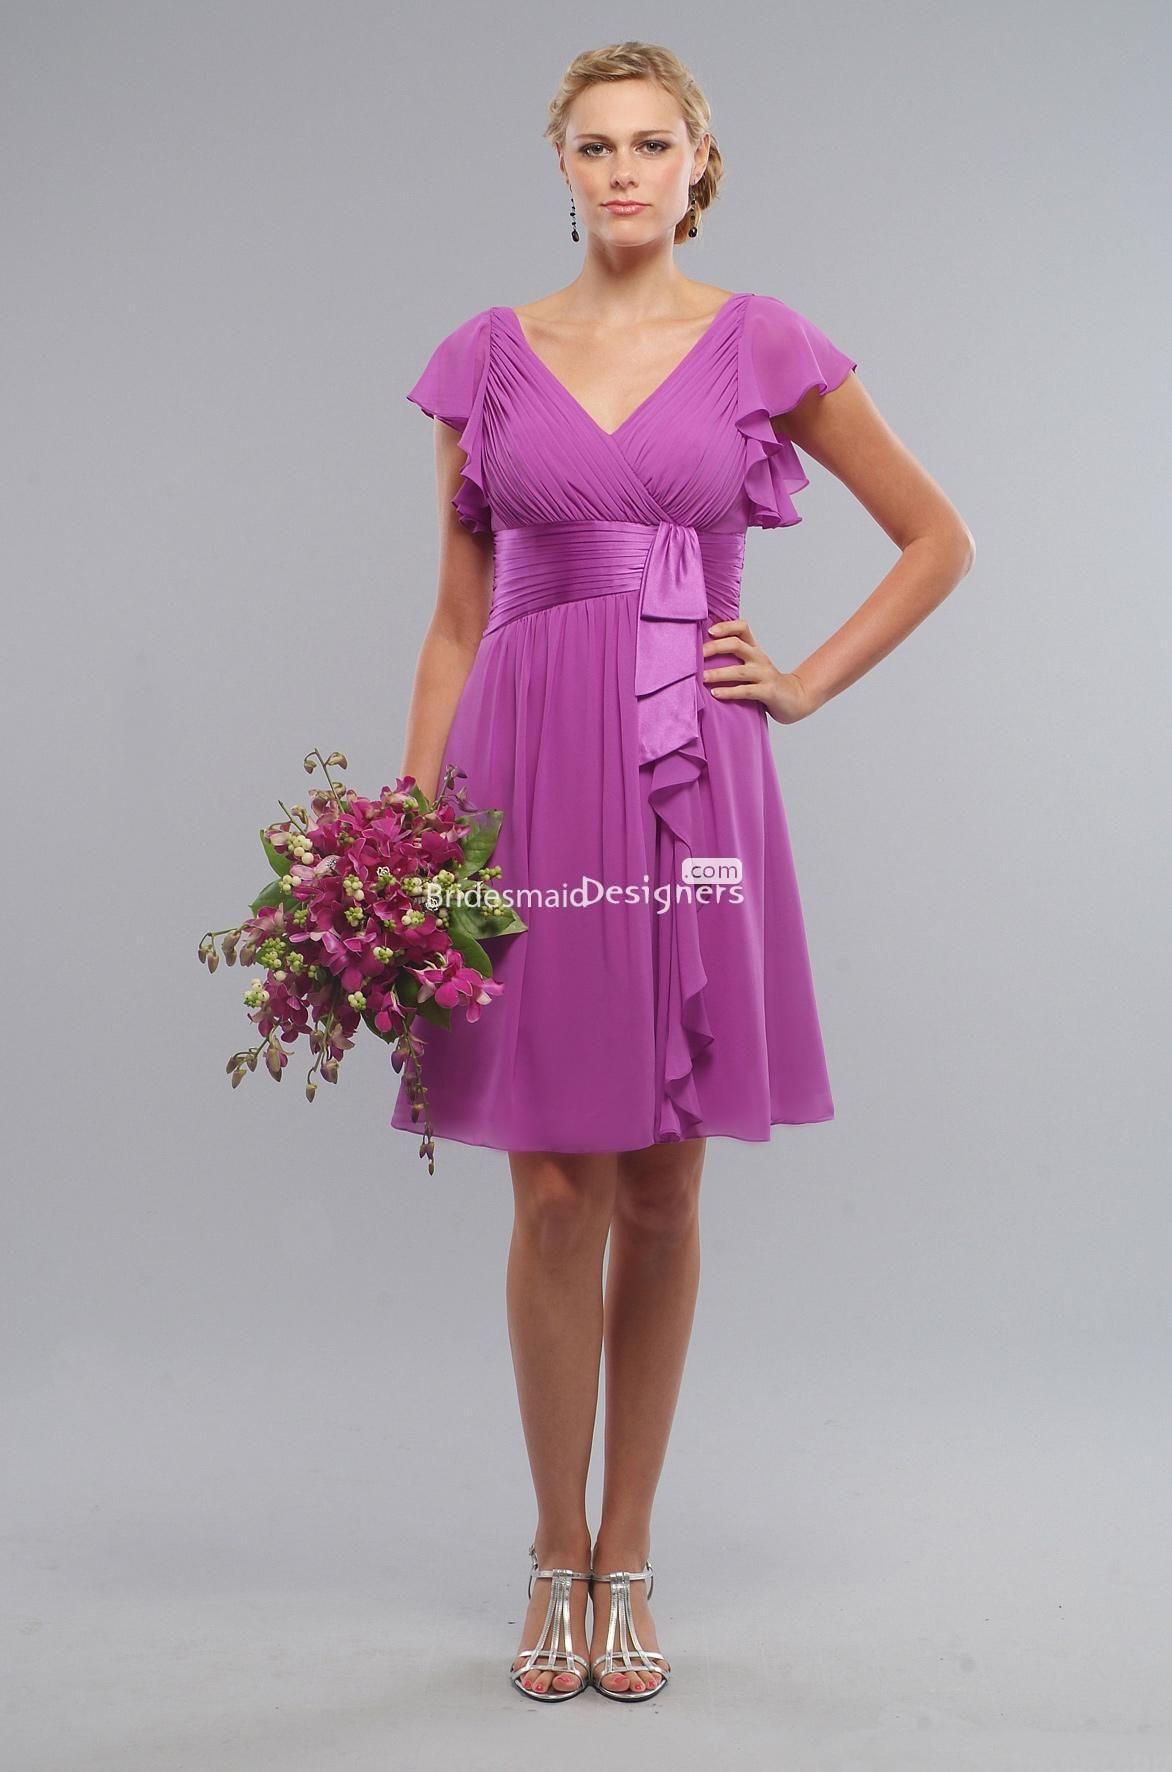 Lujo Vestidos De Novia Gales Del Sur Adorno - Colección del Vestido ...